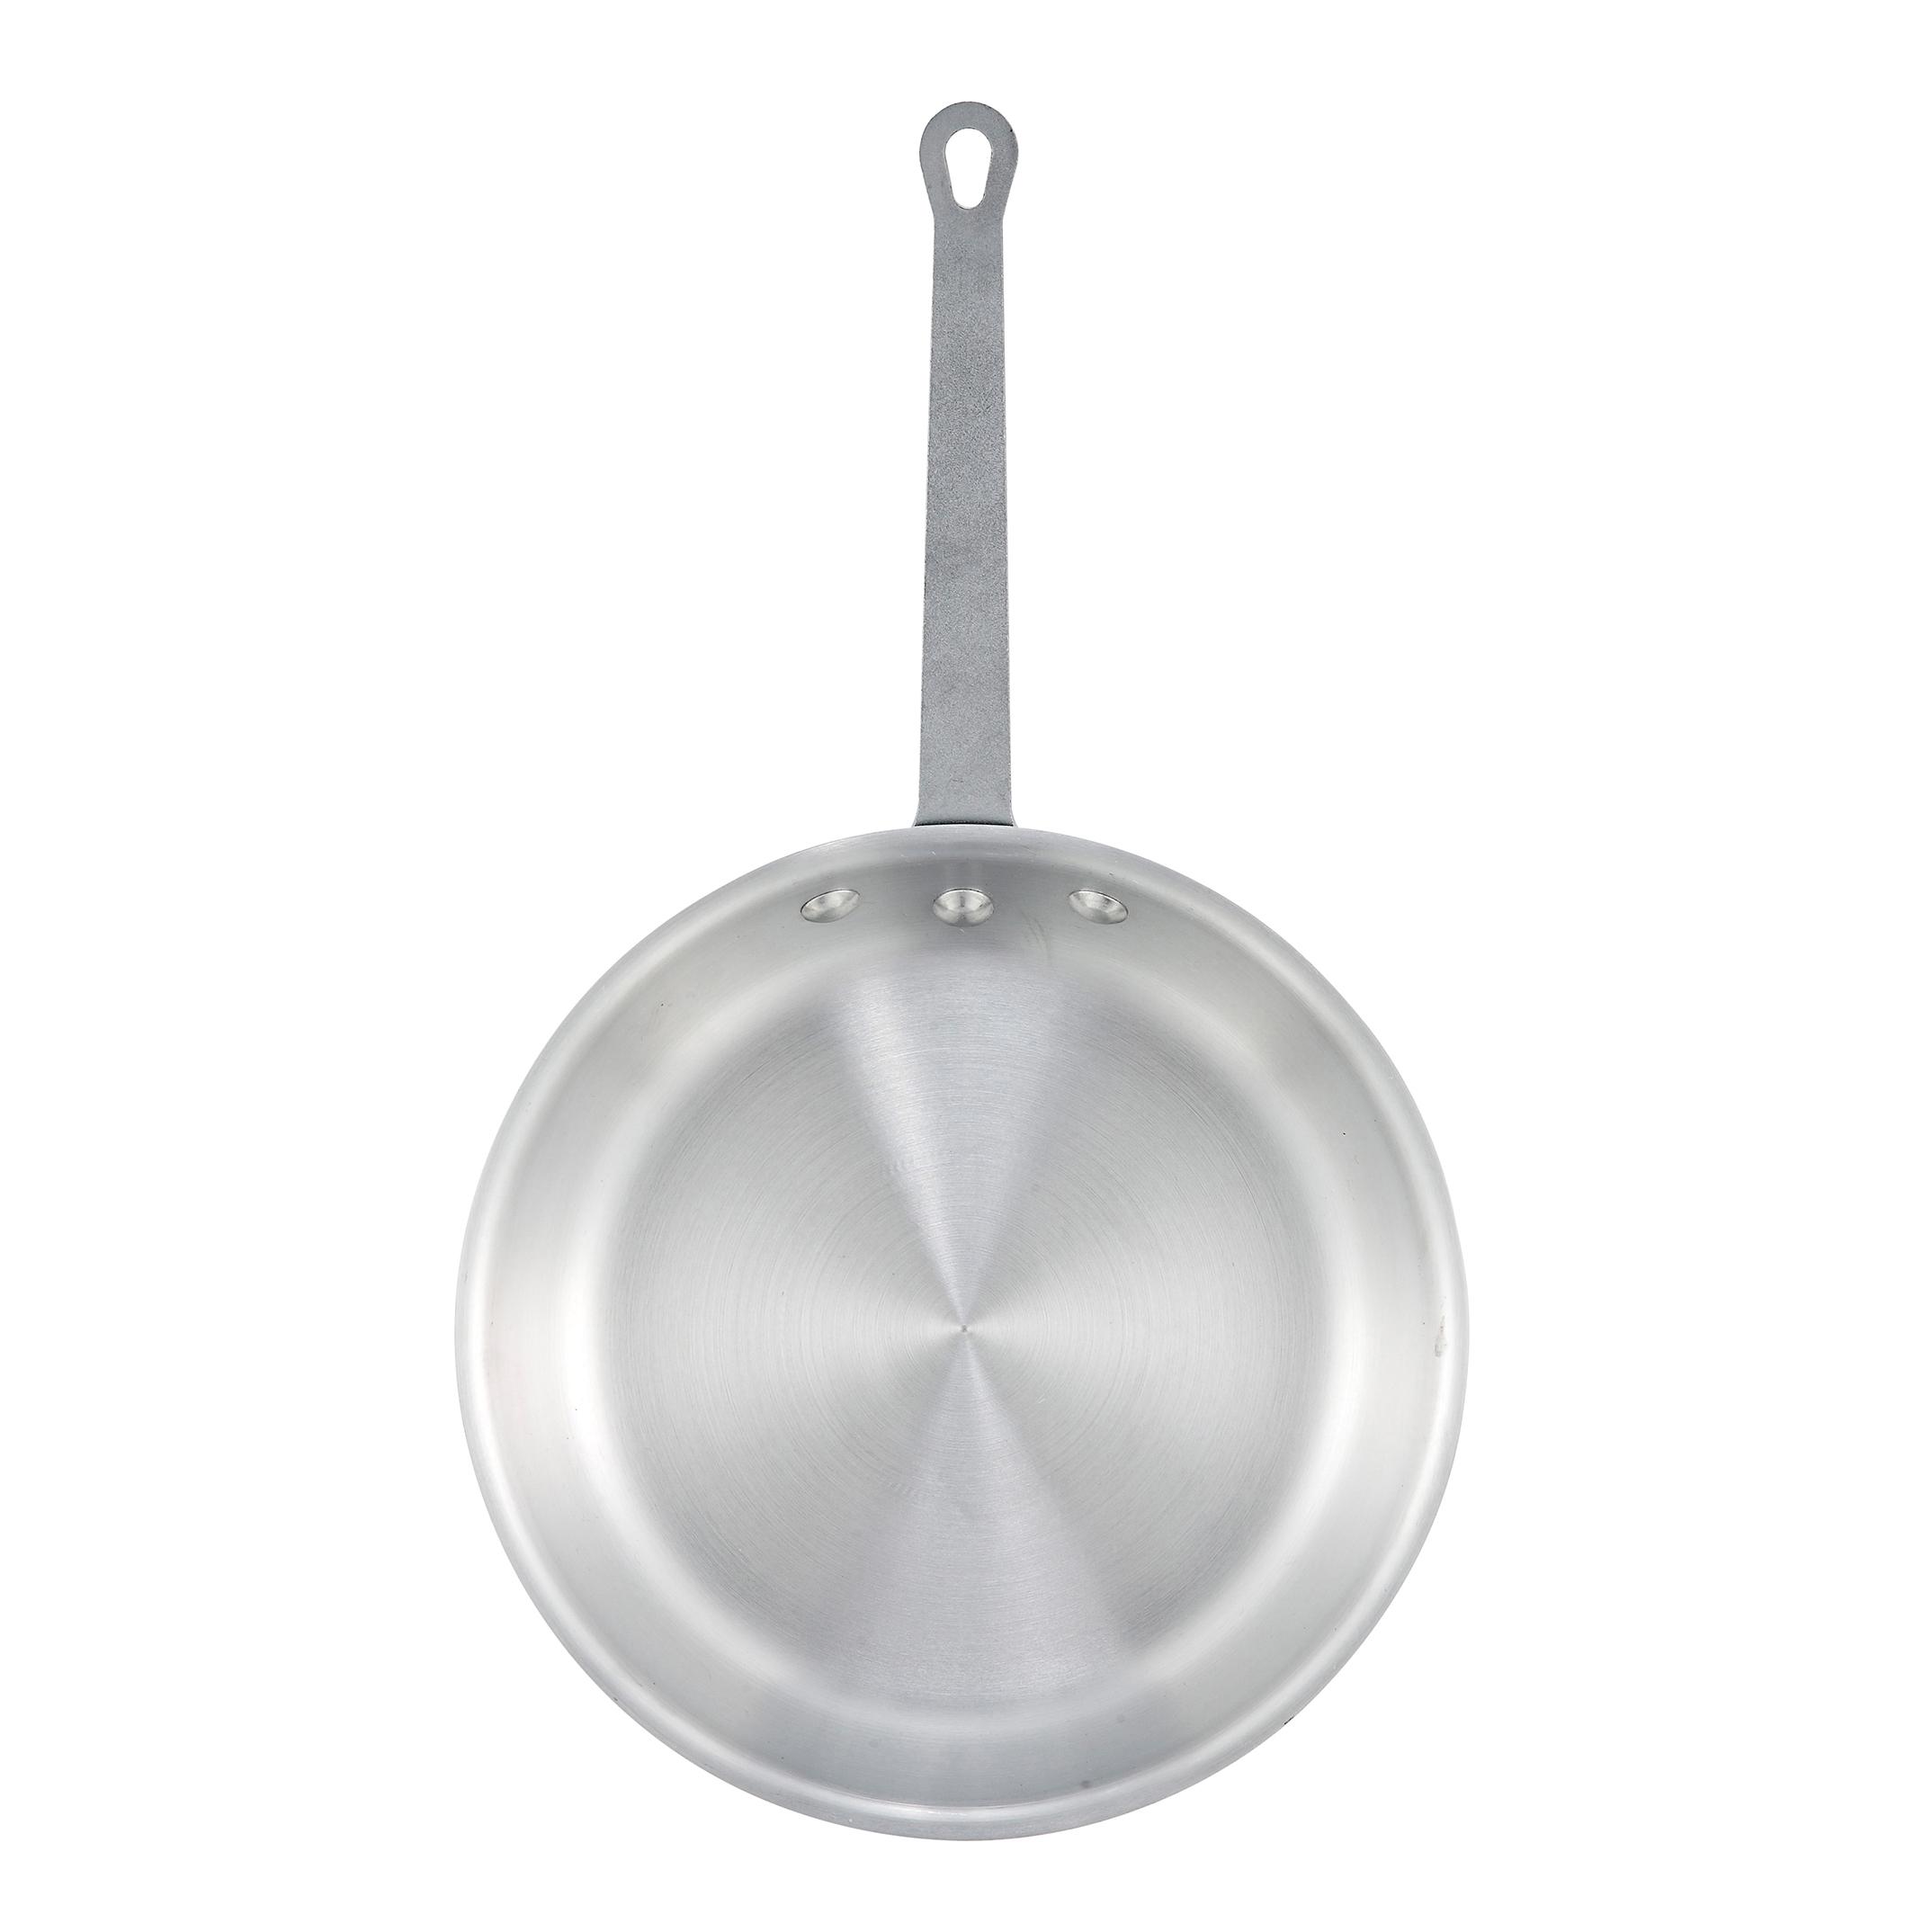 Winco AFP-12A fry pan